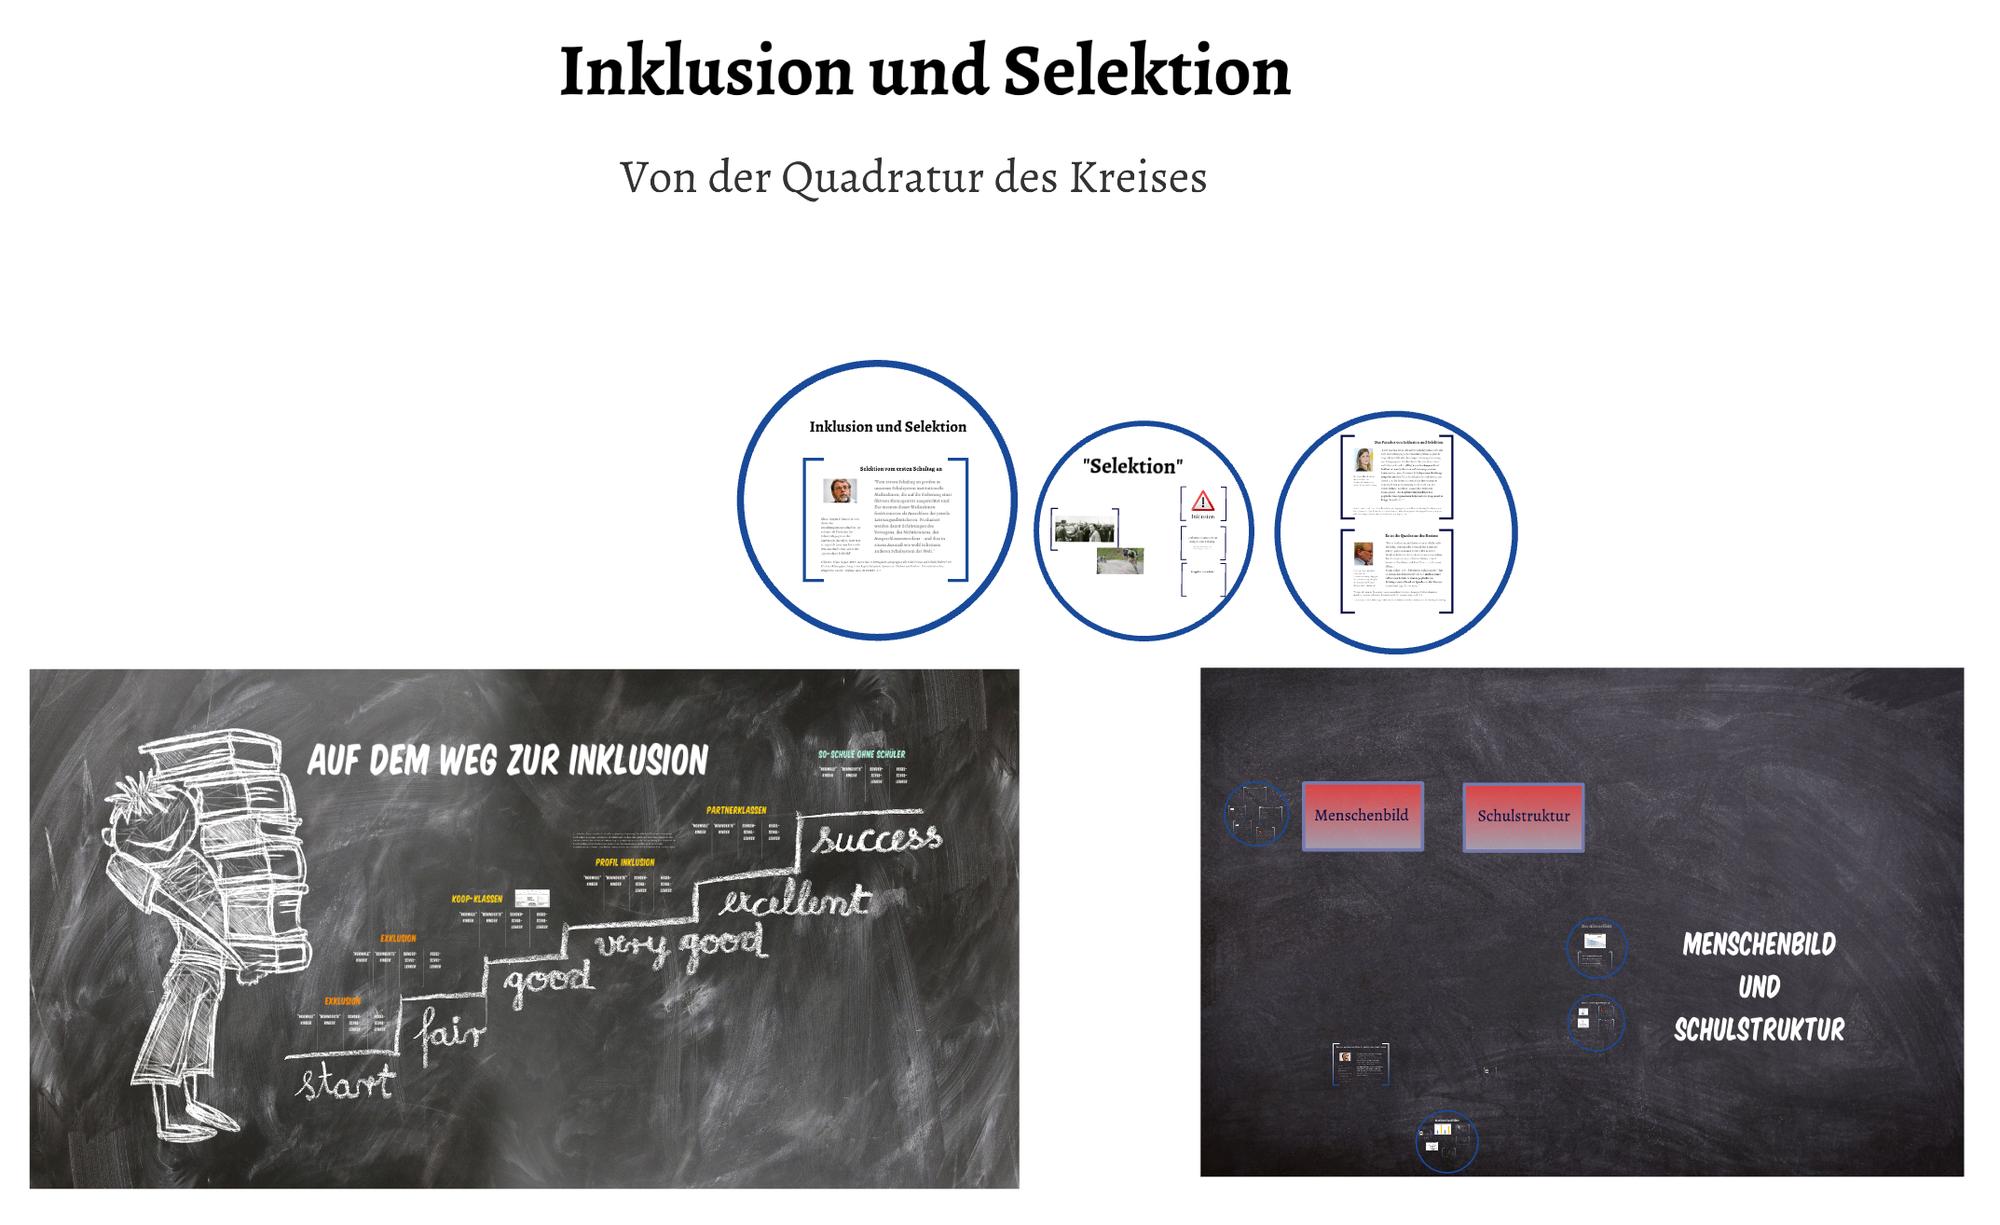 Inklusion und Selektion - Von der Quadratur des Kreises